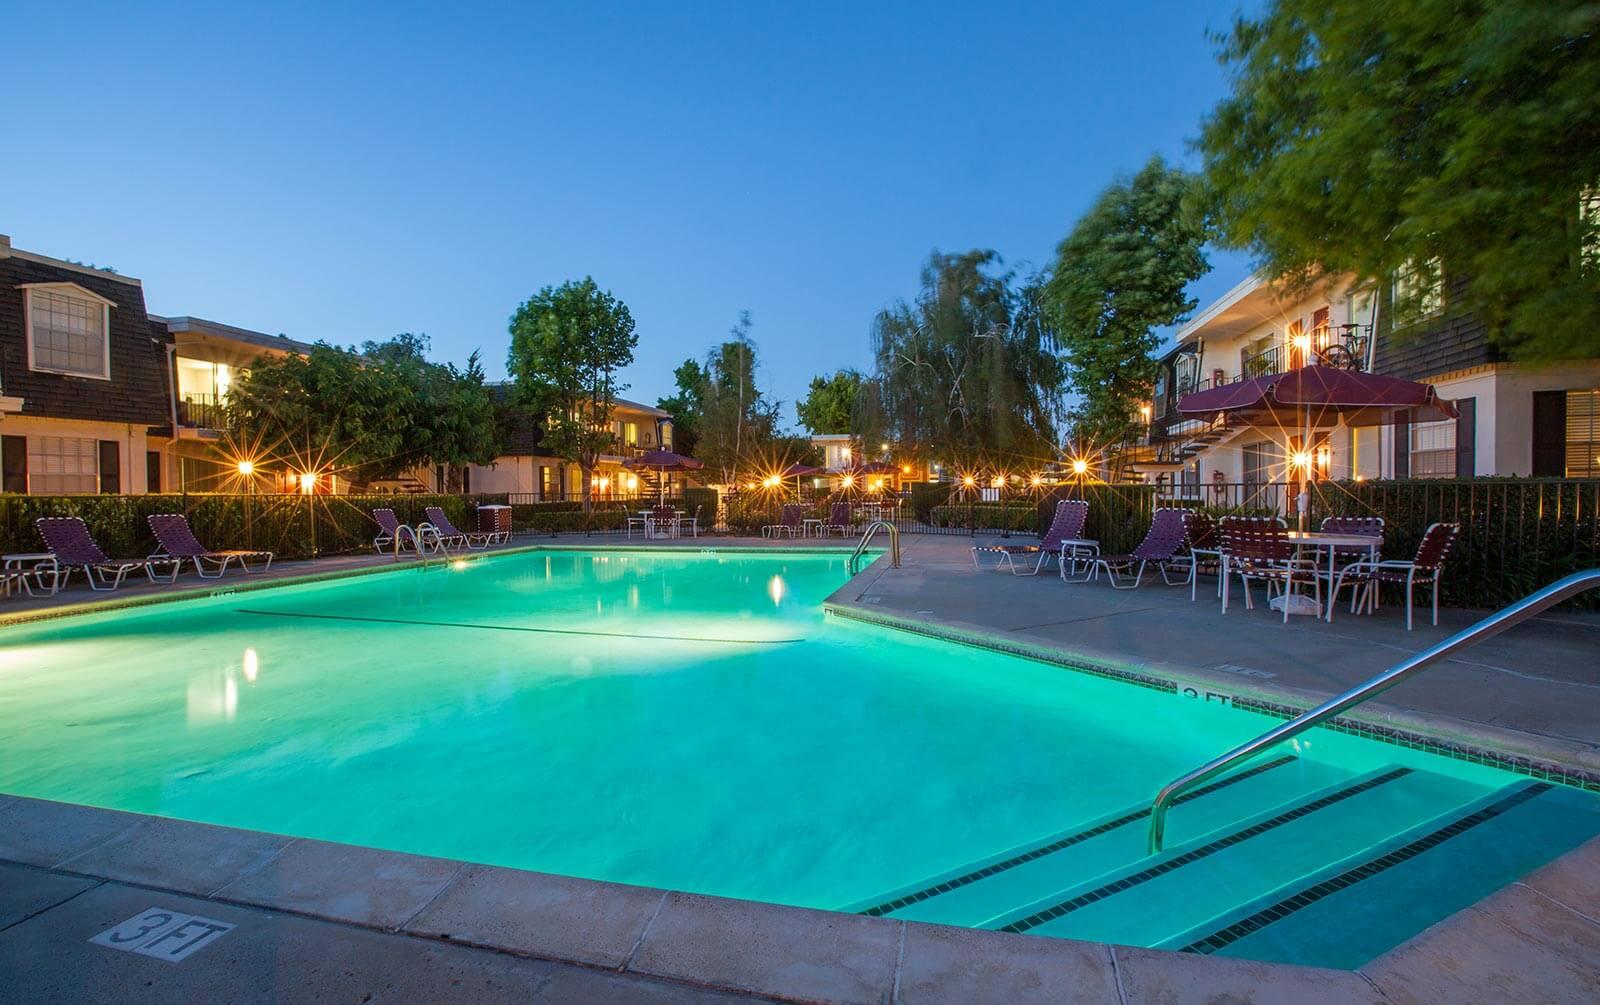 Santa Clara Ca Apartments Normandy Park Apartments